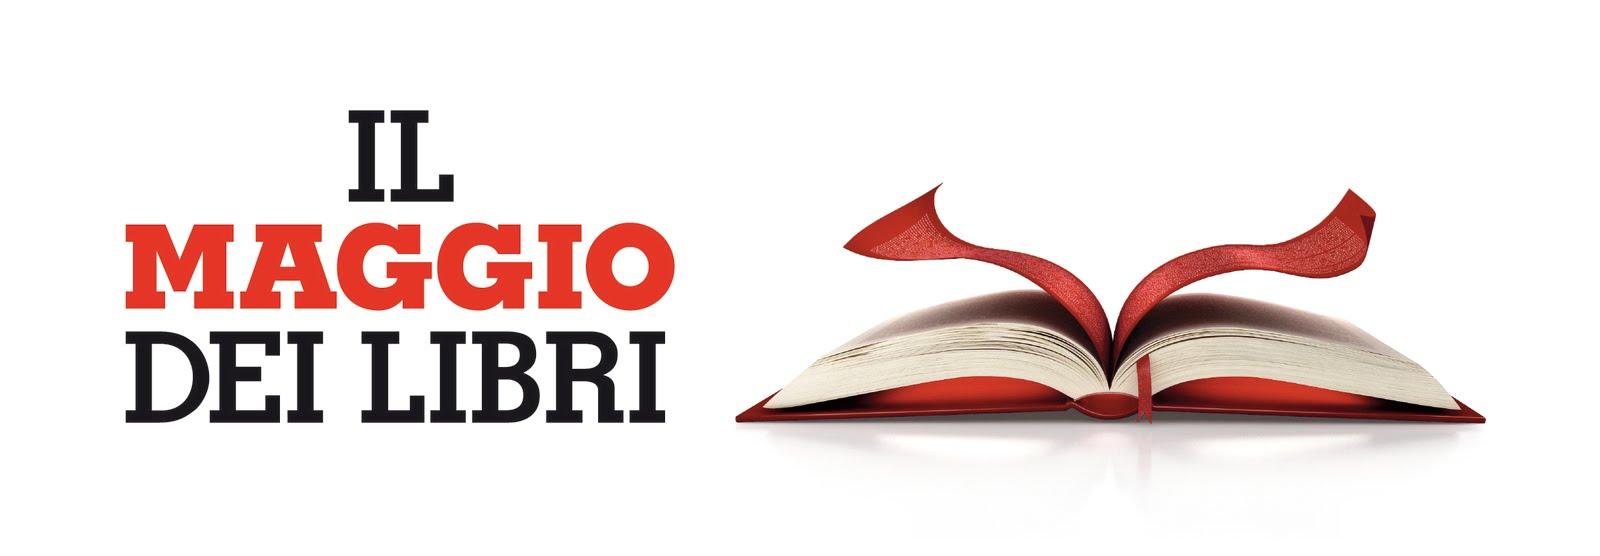 Corriere del web libri in regalo su i love books for Libri regalo